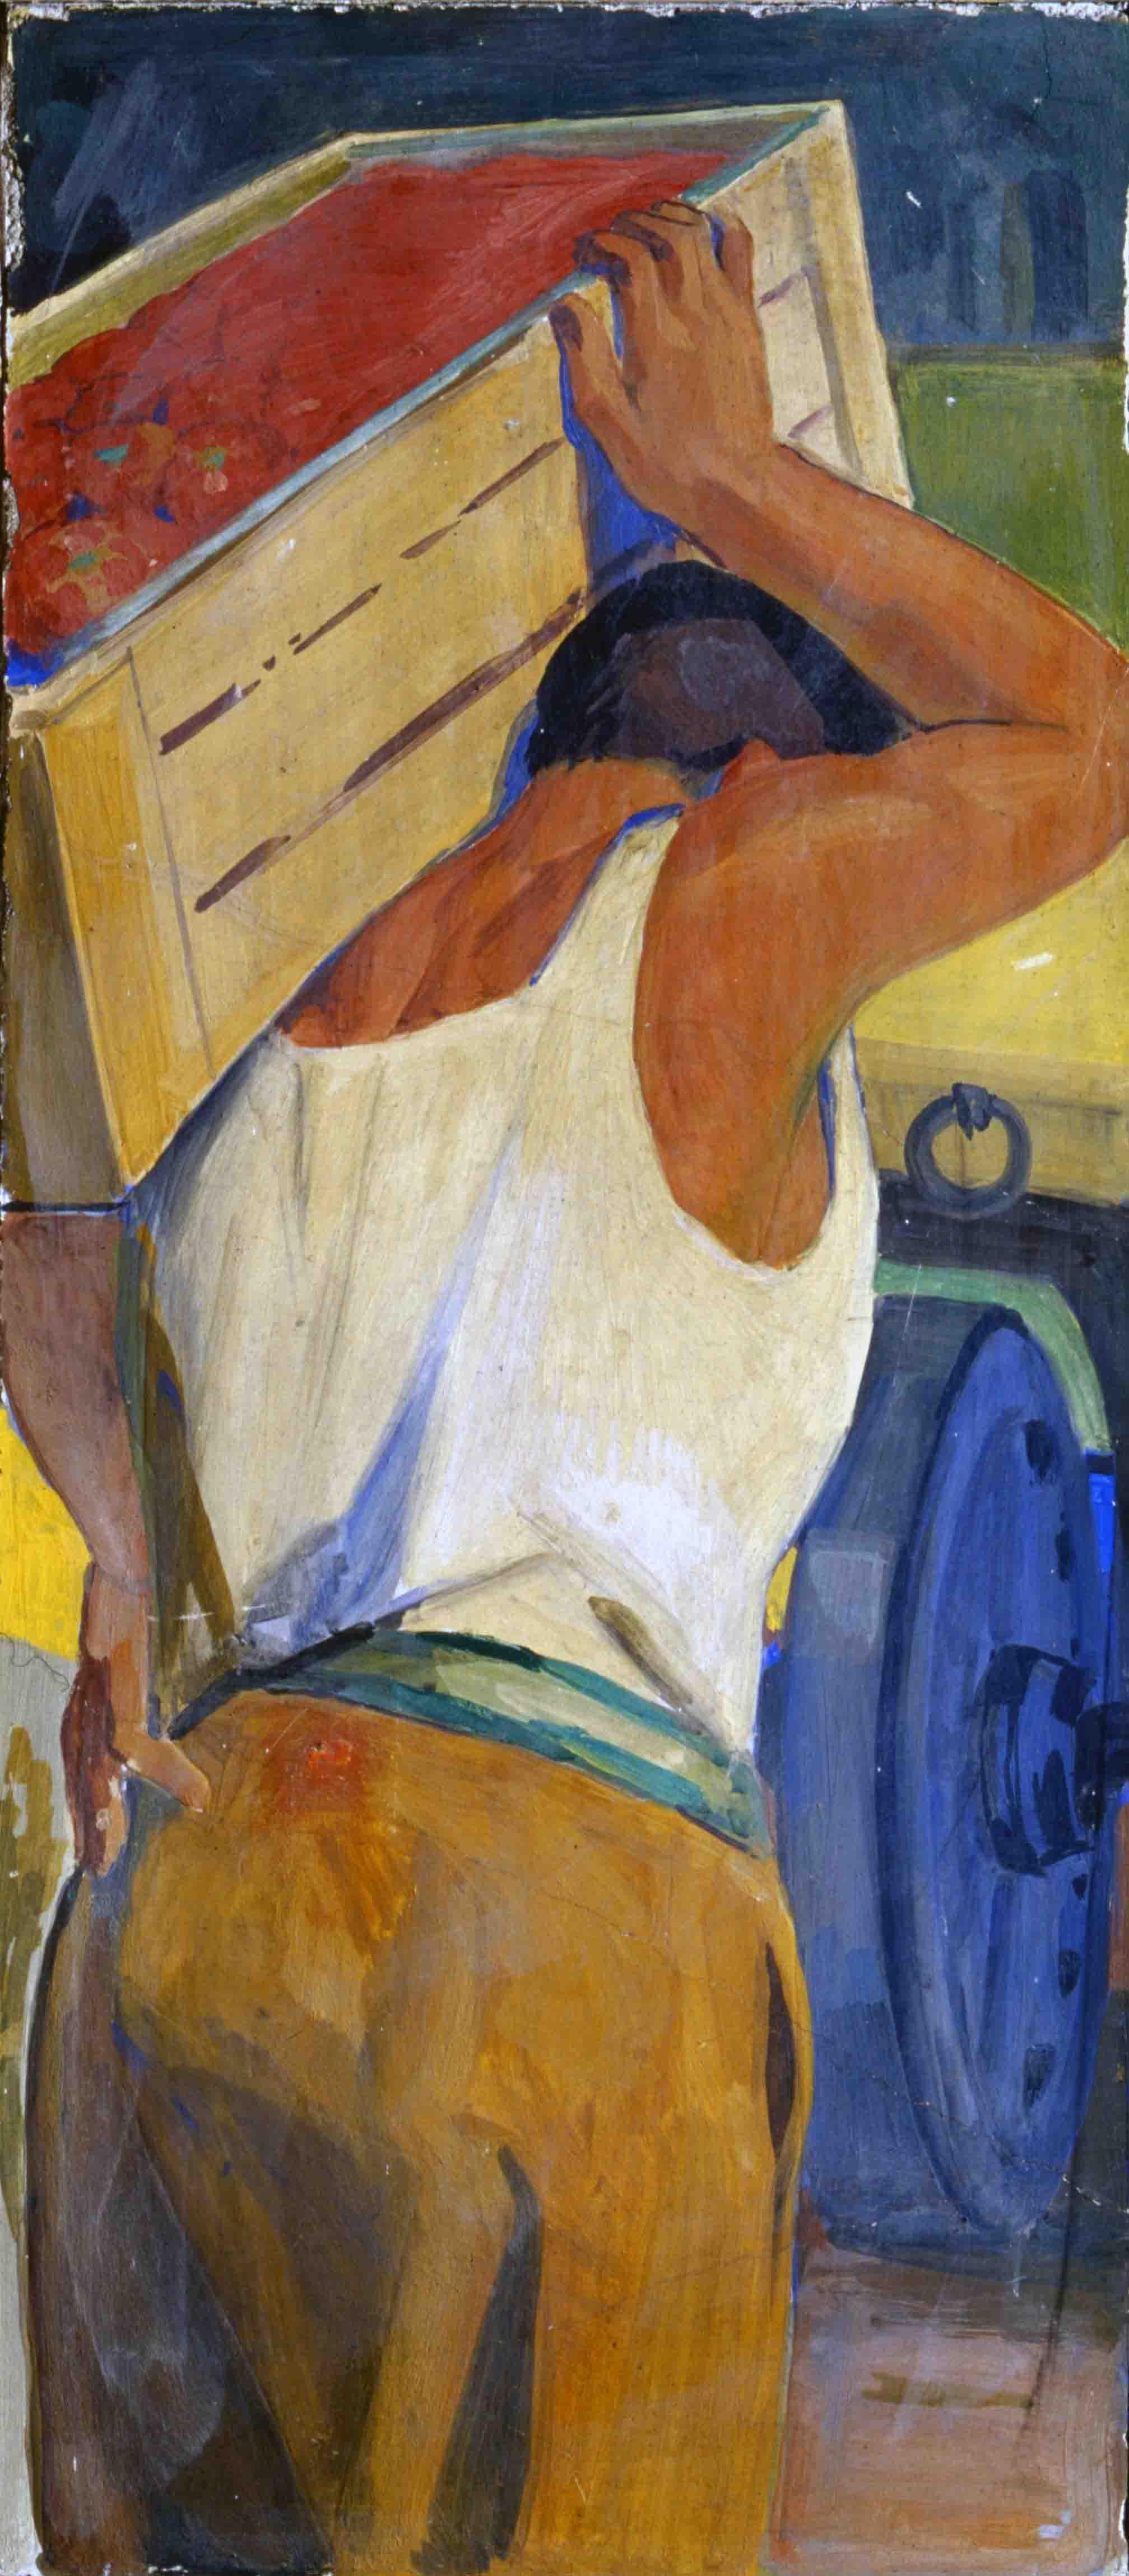 Latino Barilli (1883-1961), La raccolta del pomodoro, 1953 (Parma, Amministrazione Provinciale)